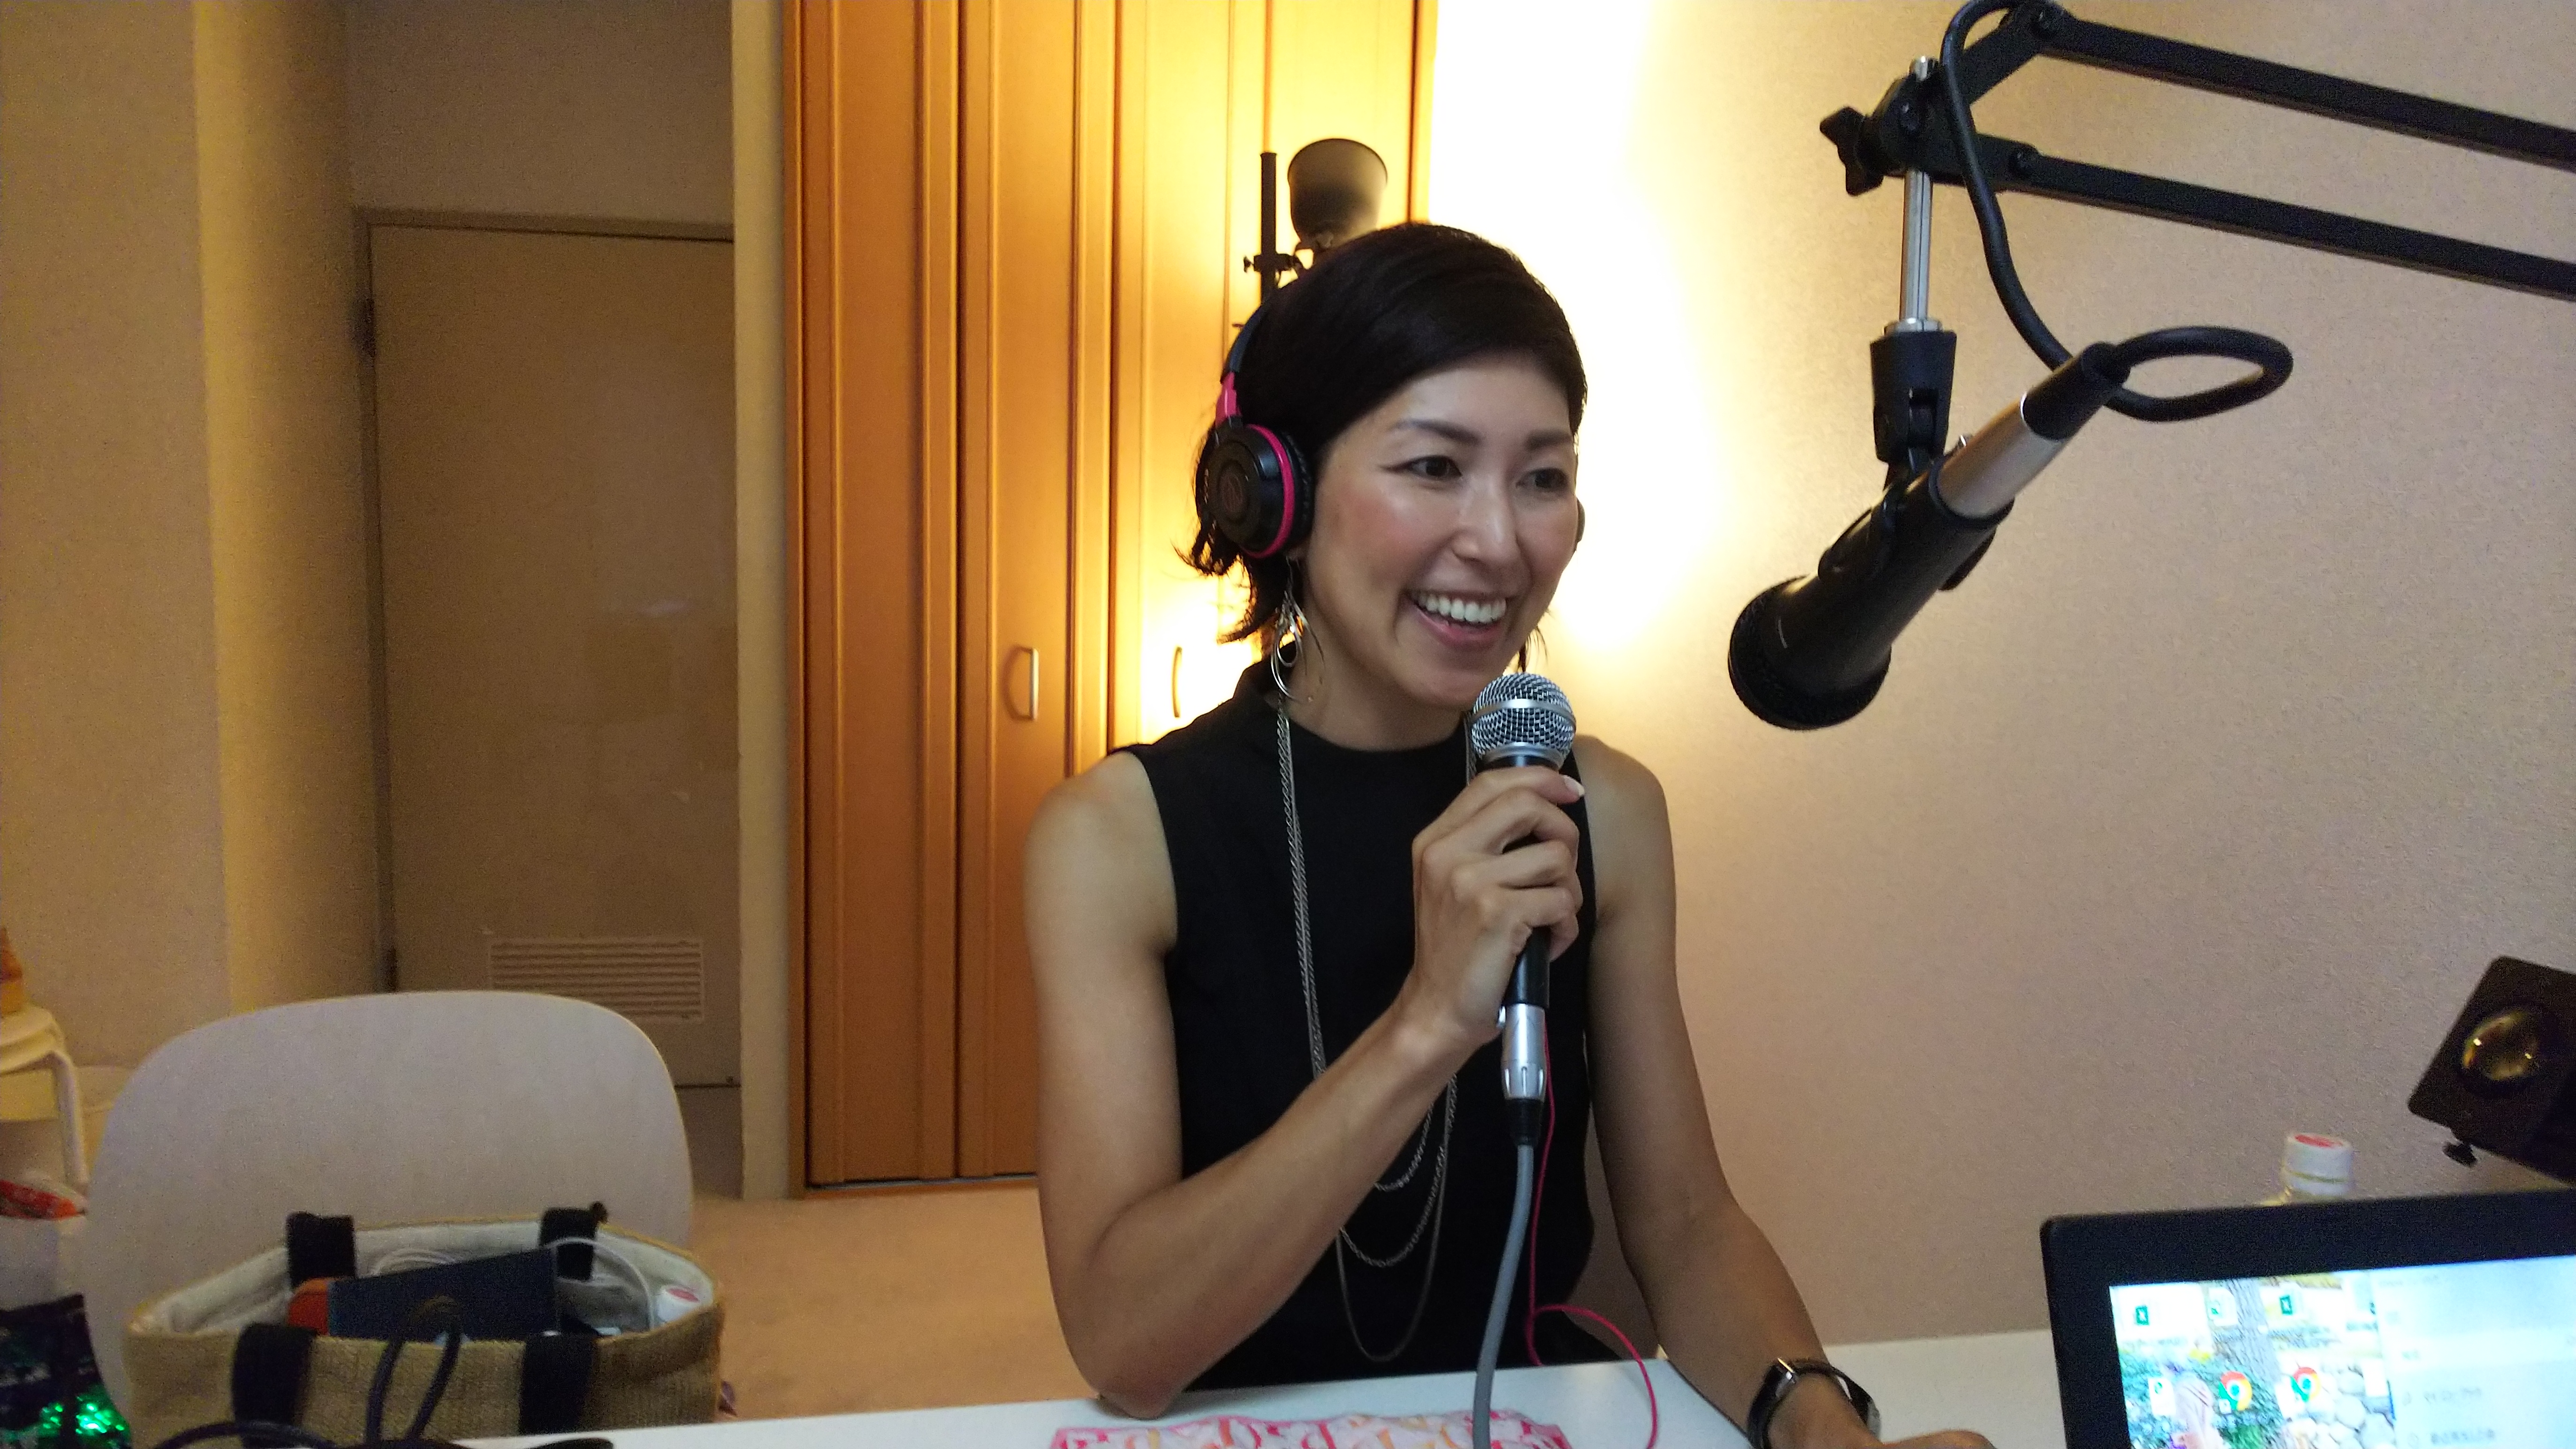 本日22時〜ラジオ出演します。